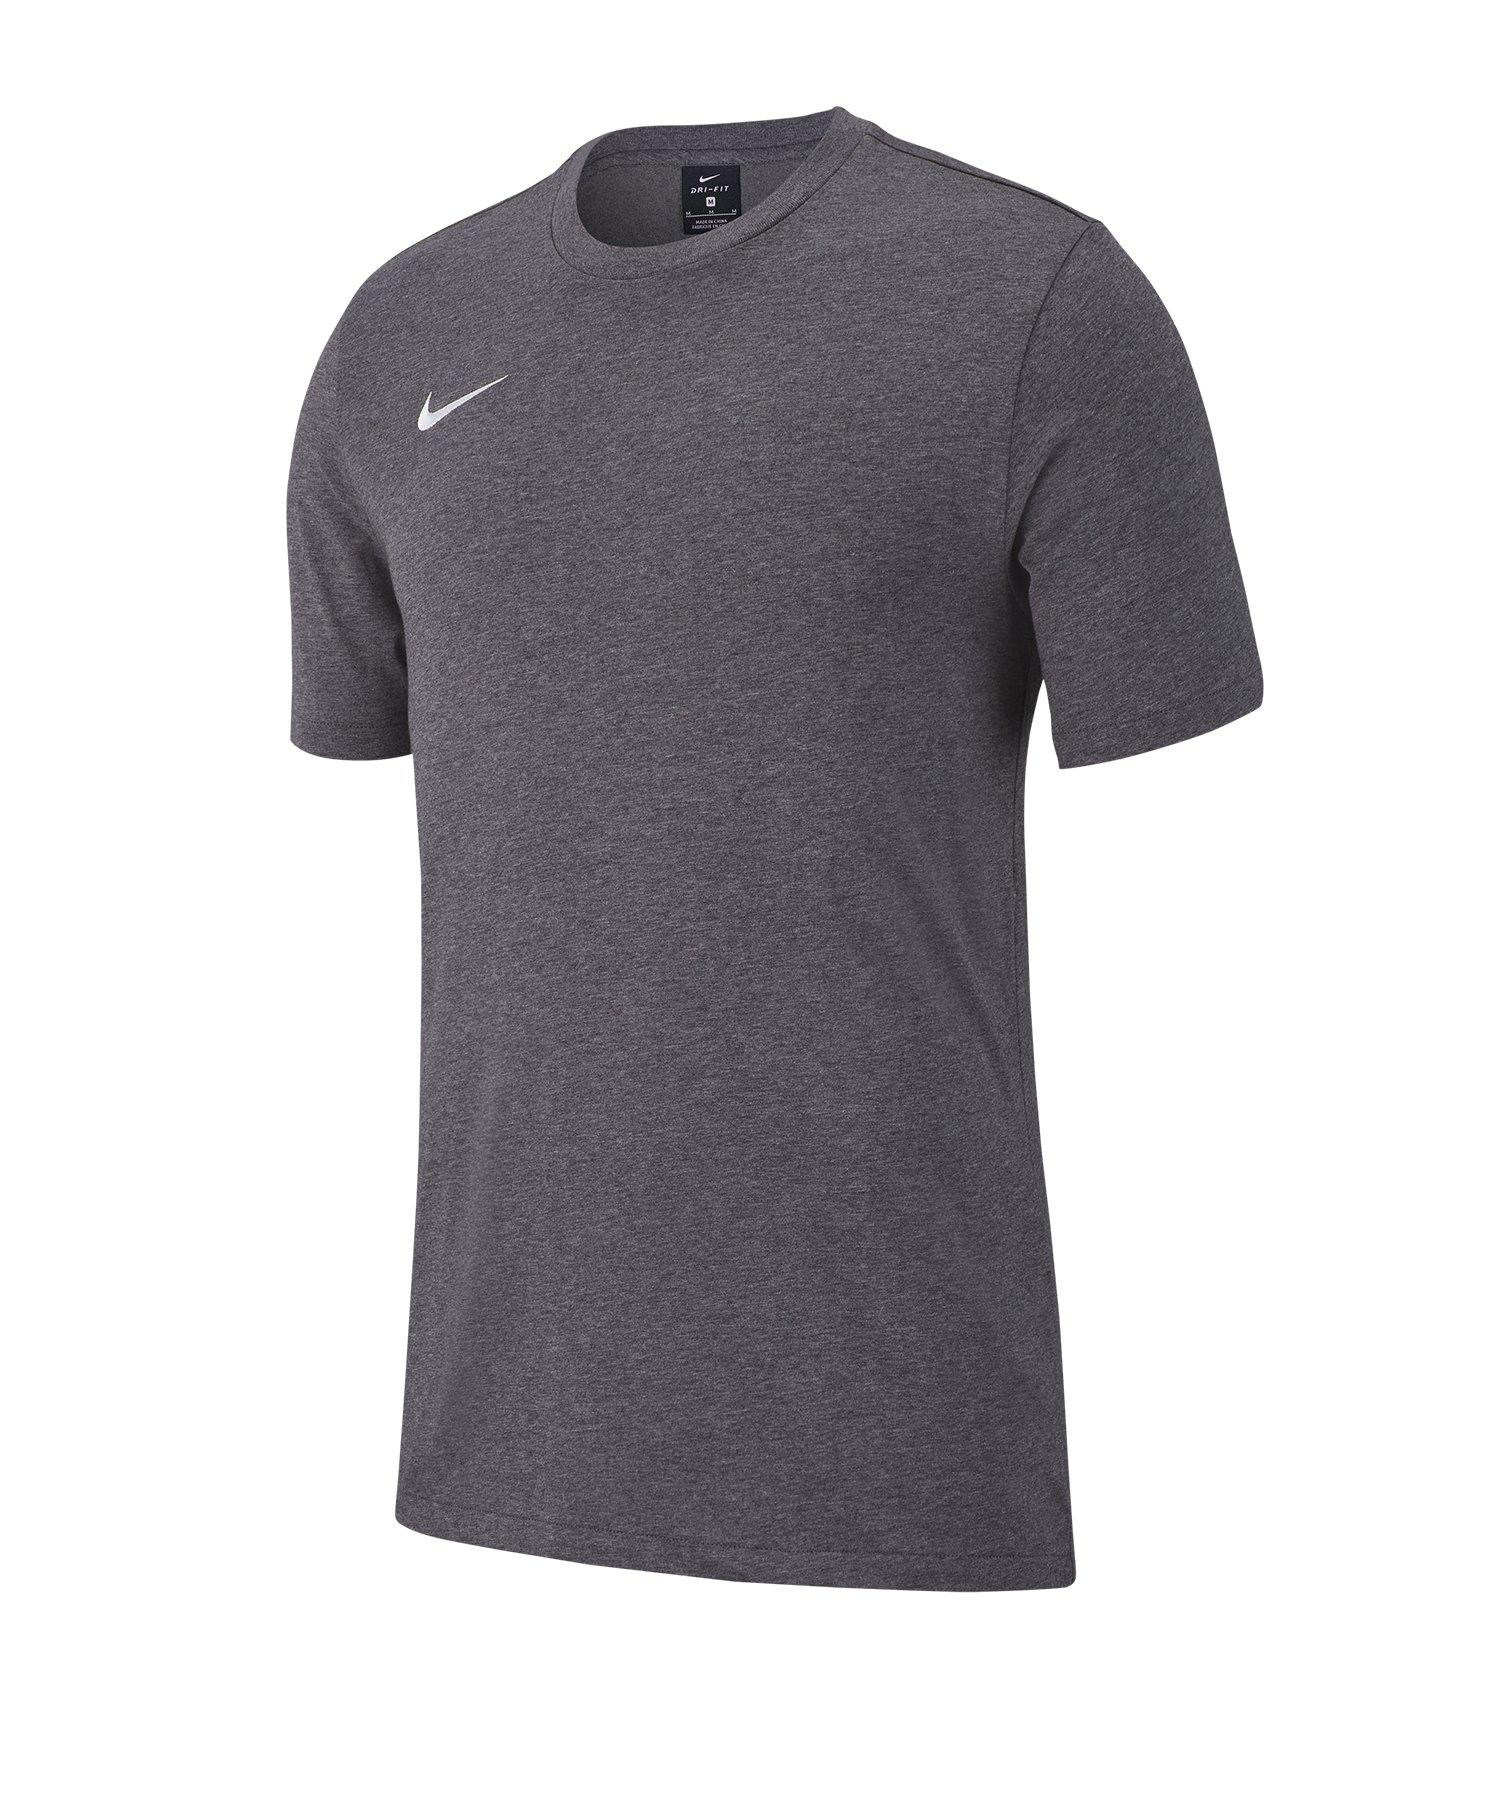 Nike Club 19 Tee T-Shirt Grau F071 - grau